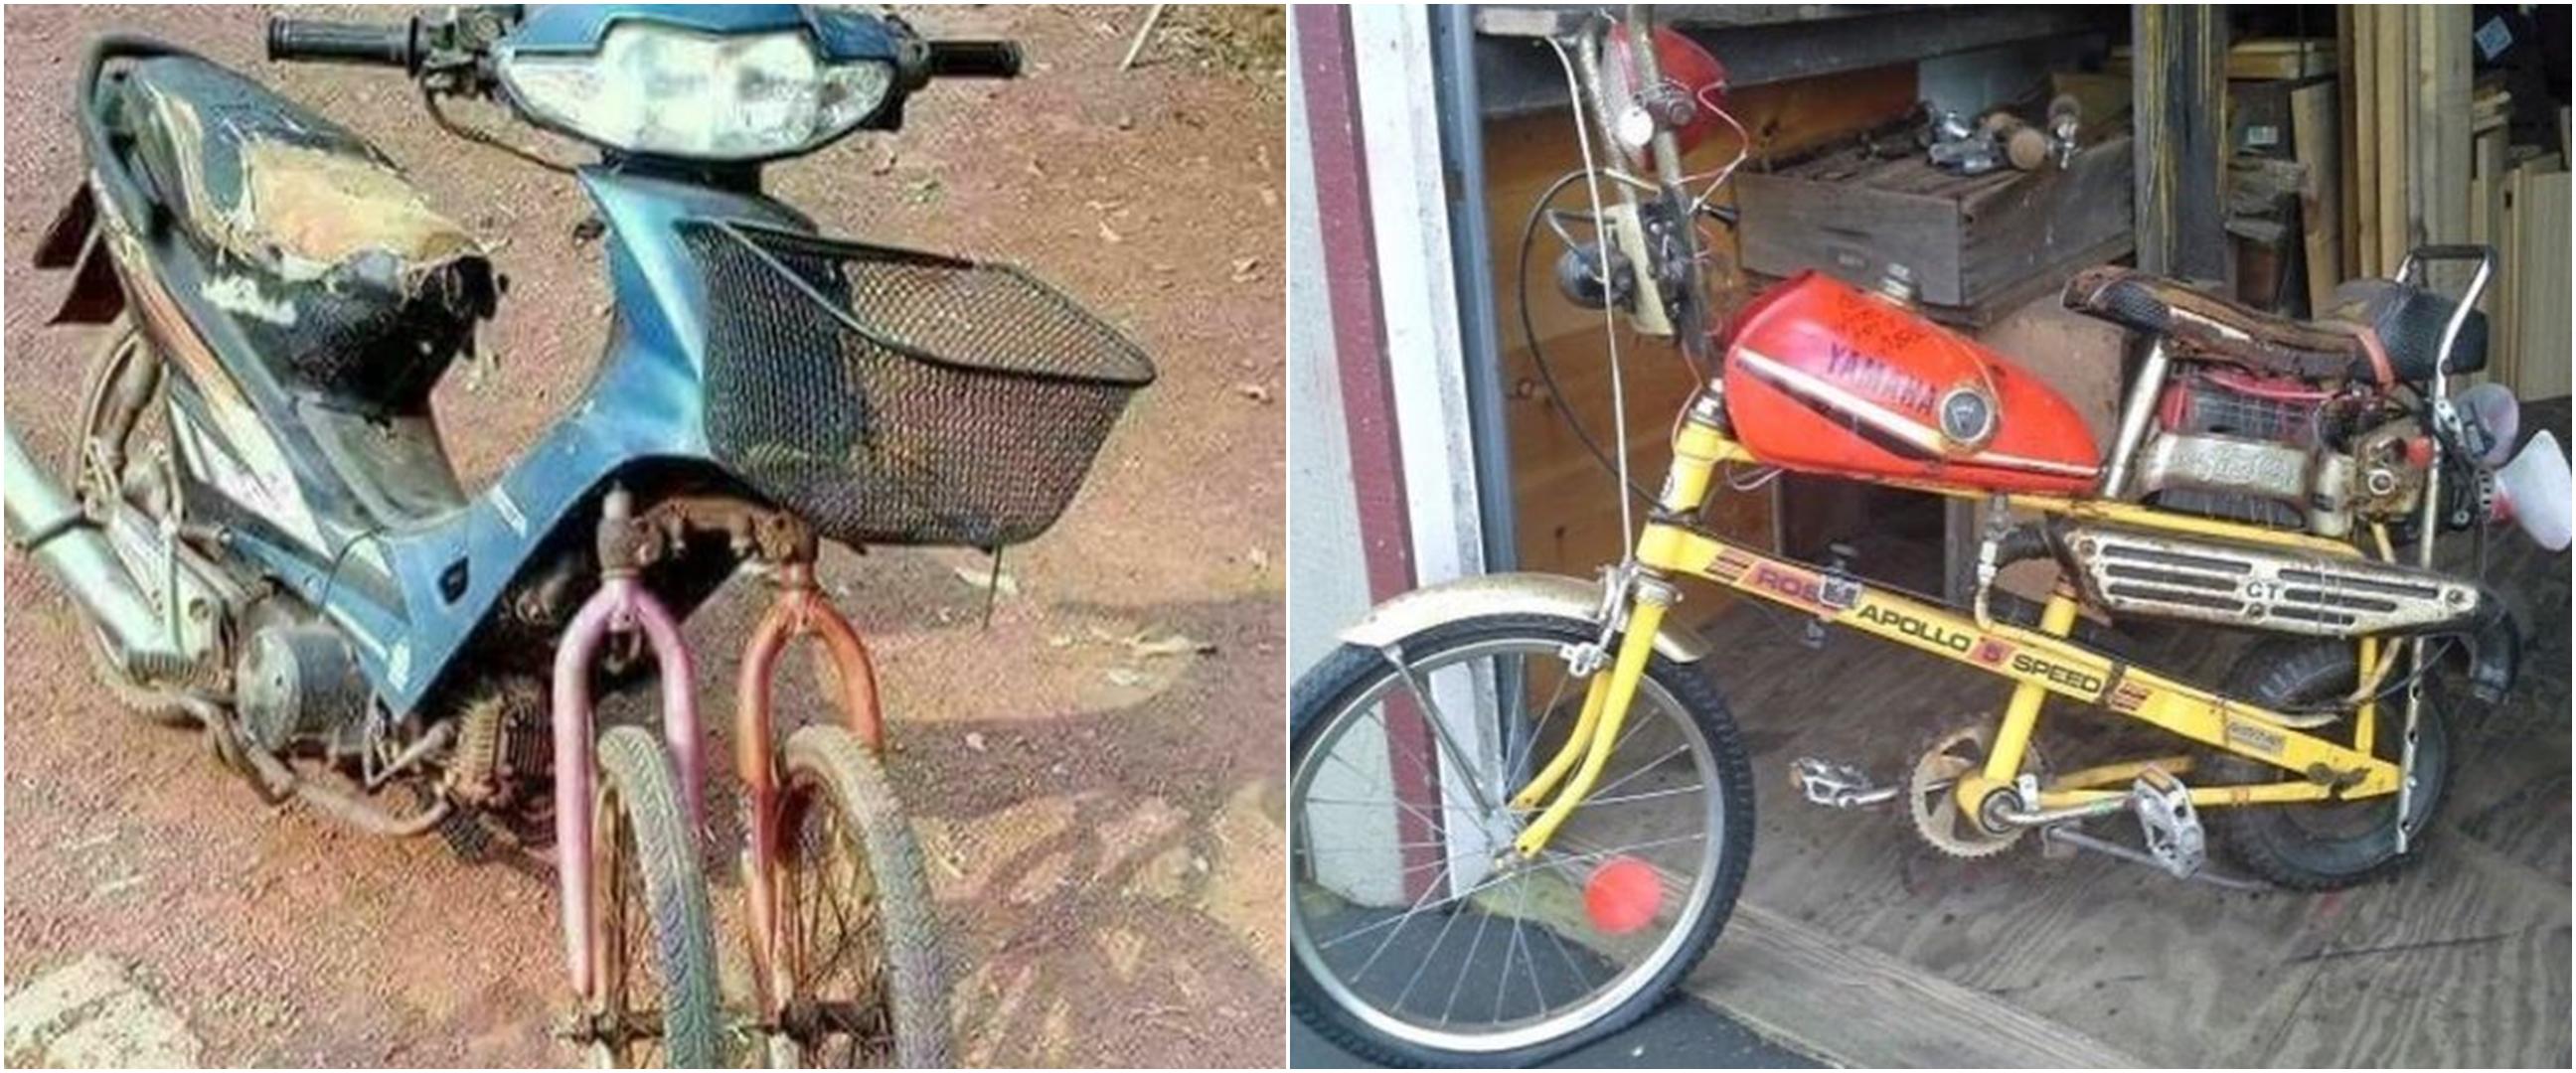 10 Modifikasi motor gunakan sparepart sepeda, bikin terheran-heran